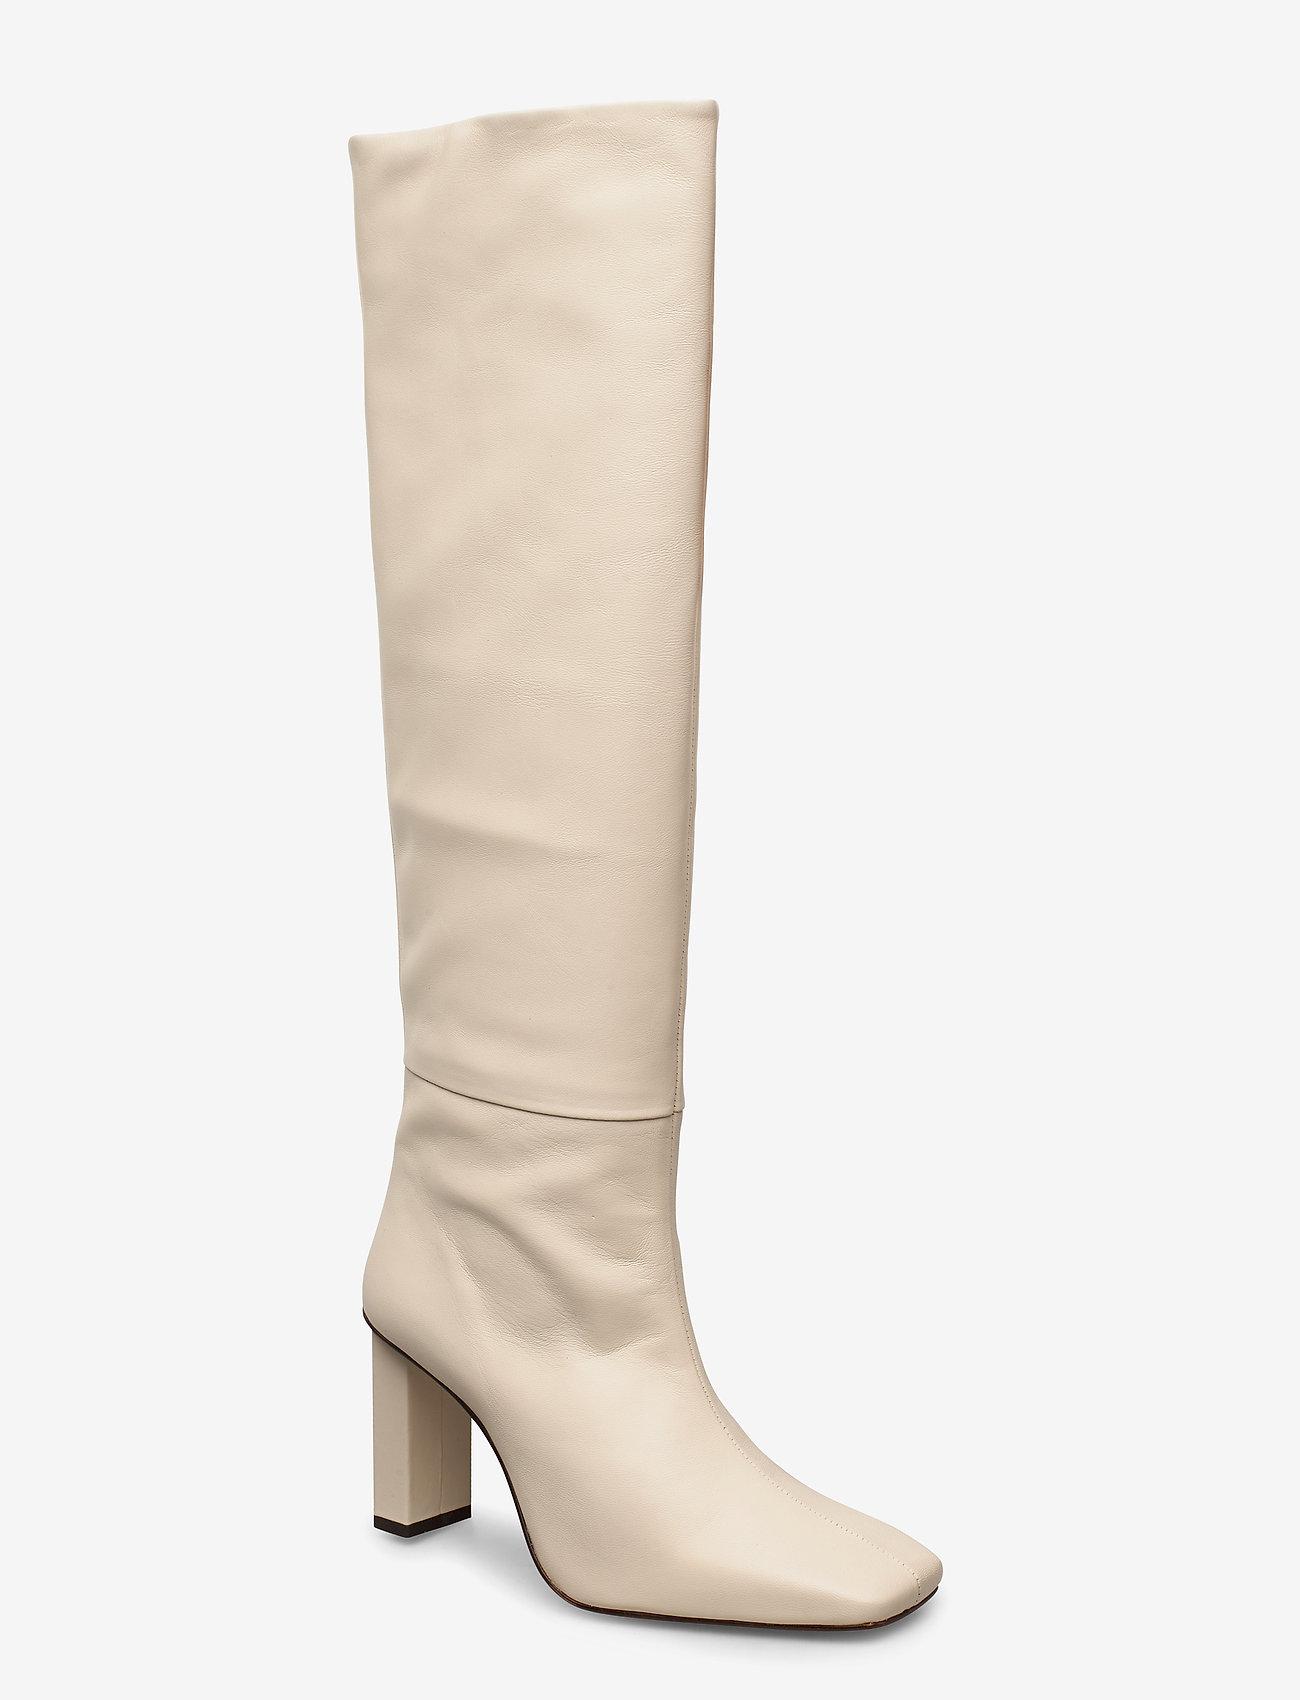 Joan Le CarrÉ Tall Boot (Cream) (299.40